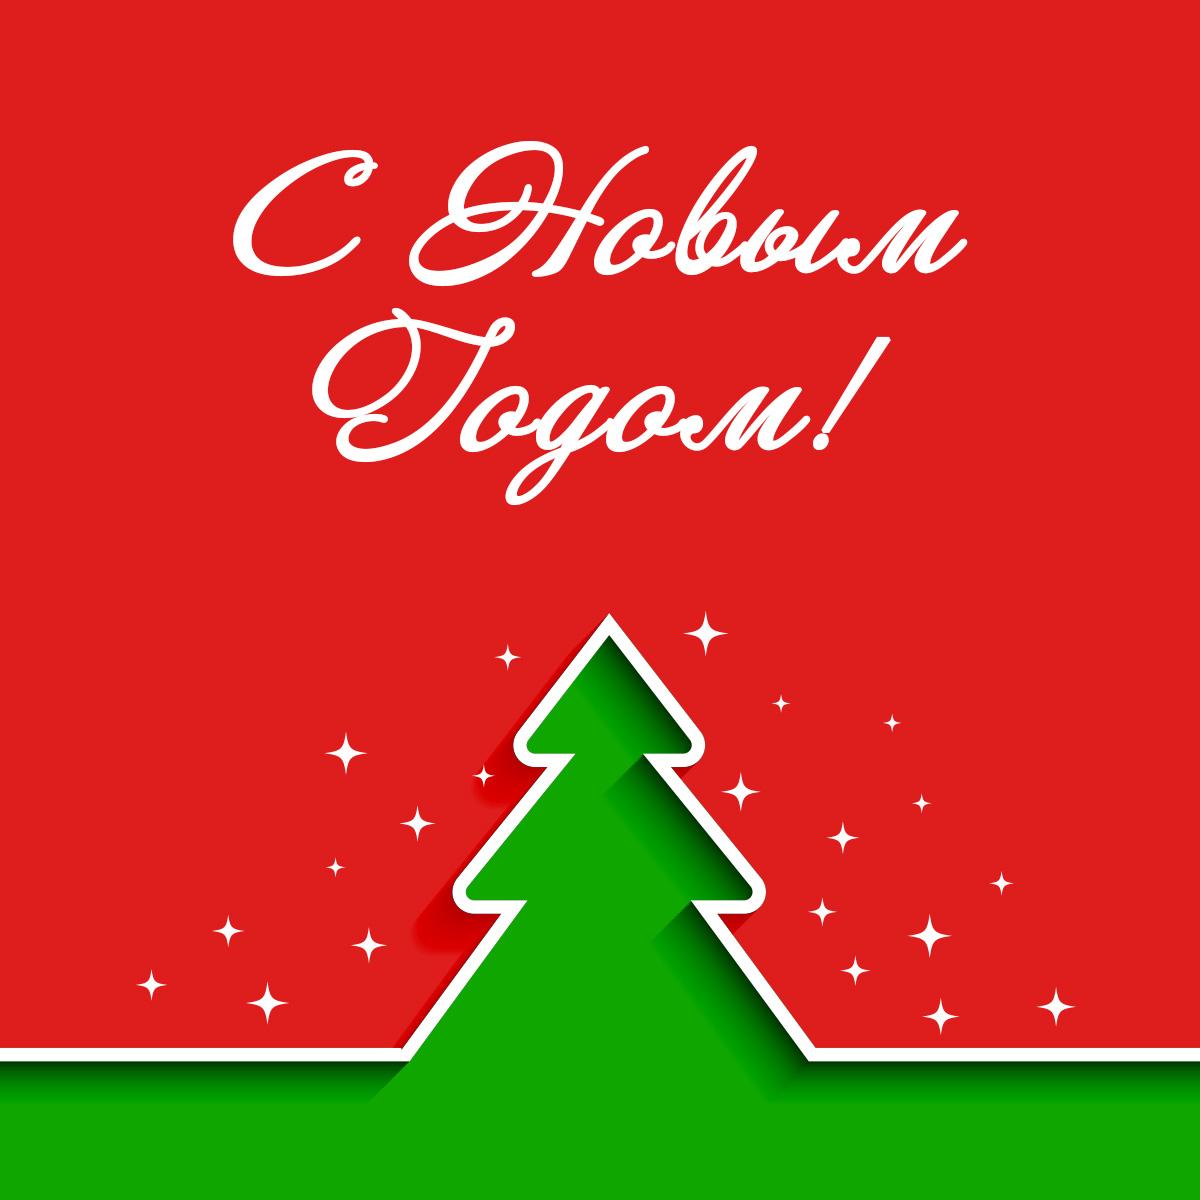 Простая открытка с текстом и зелёной елкой на красном фоне.